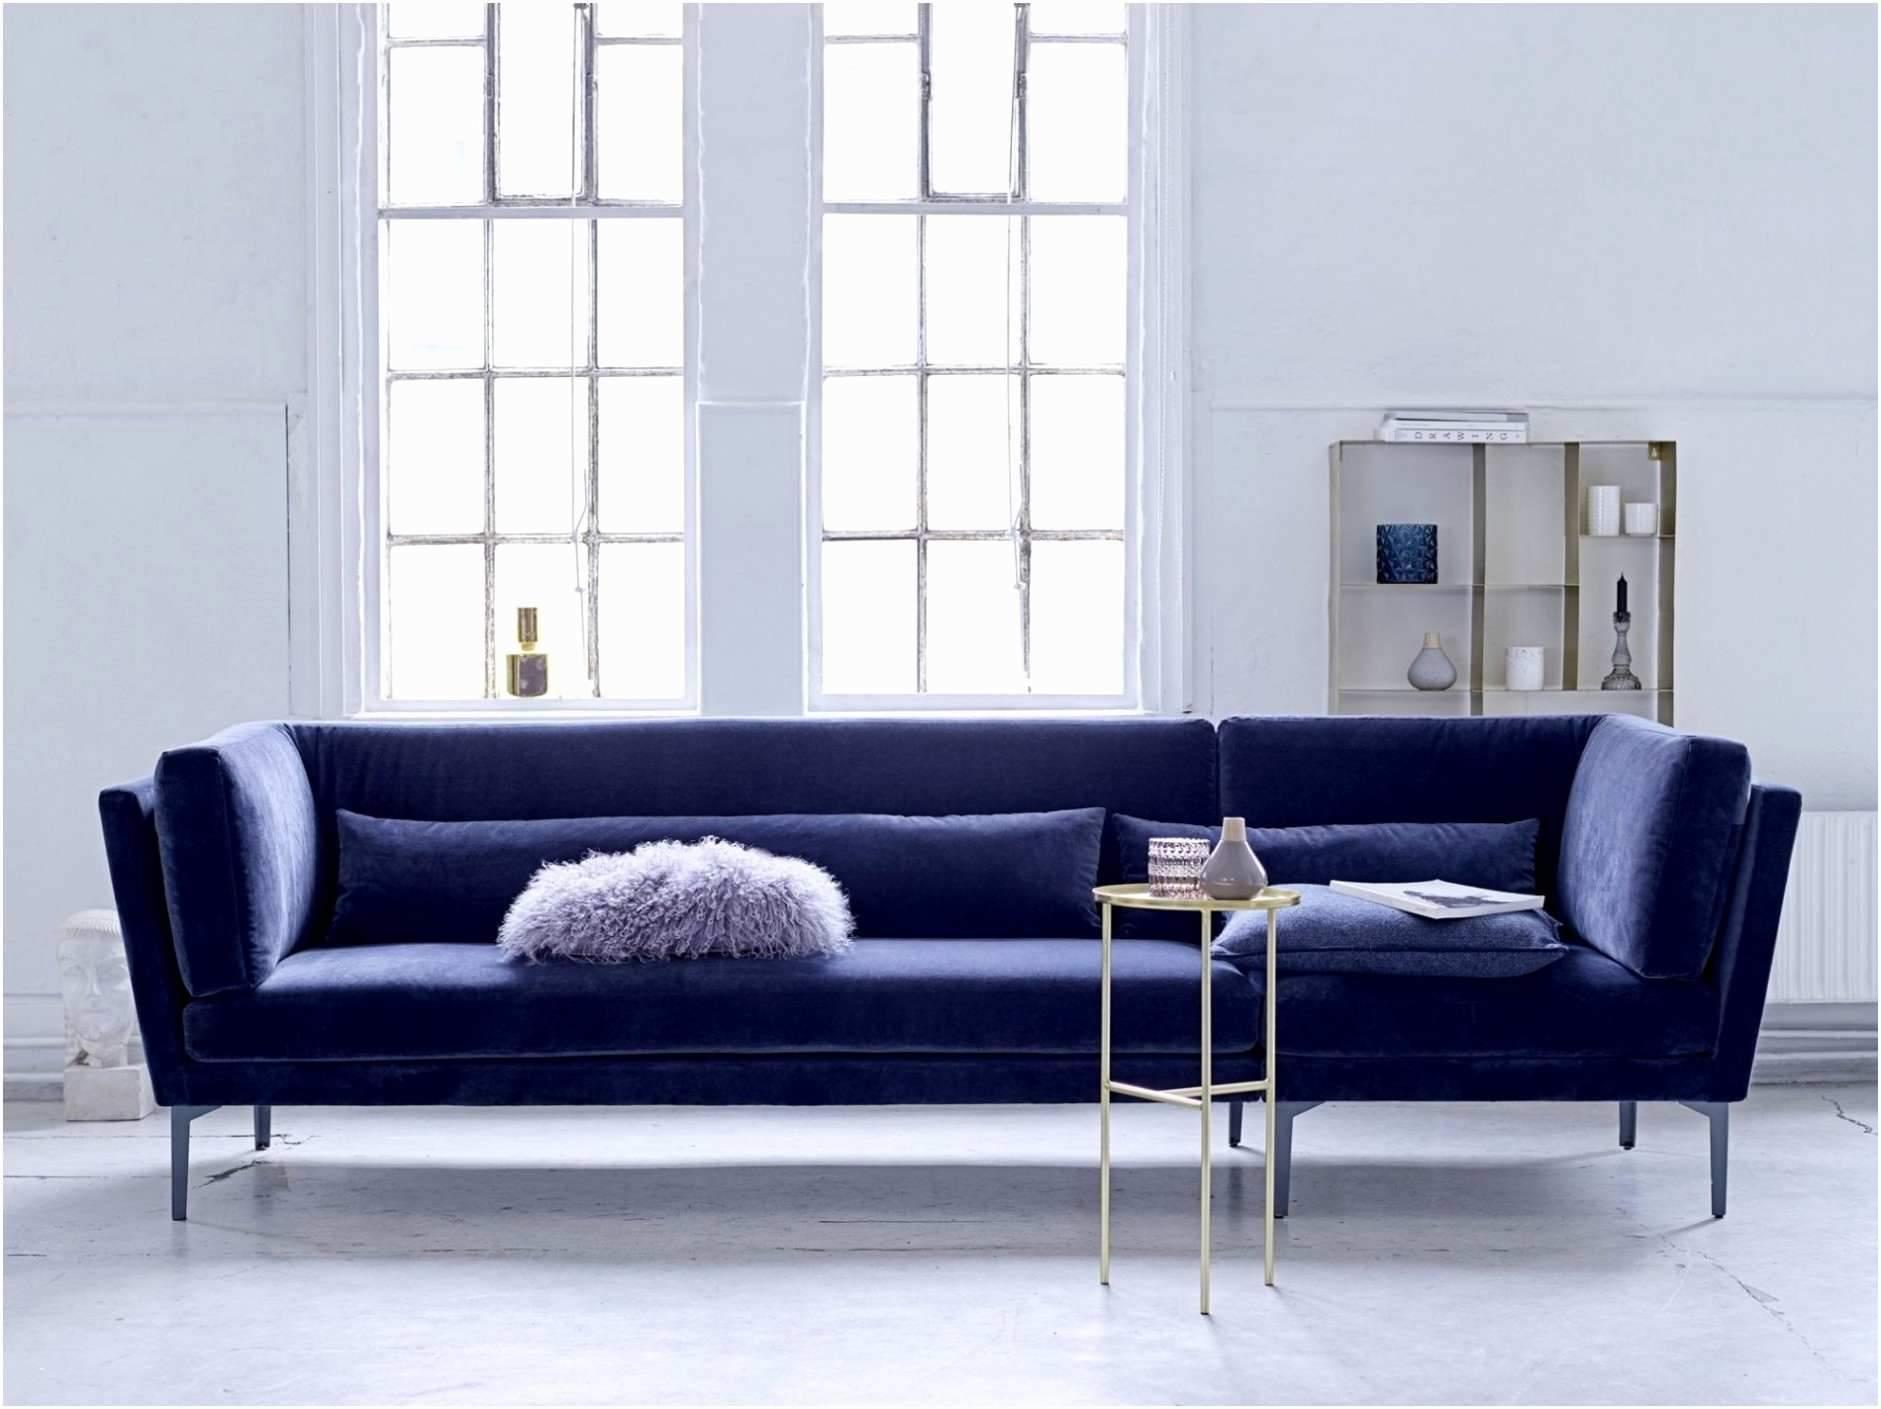 couchtisch modern gunstig einzigartig 46 schon sofa garnitur 3 teilig leroy merlin seche serviette of couchtisch modern gunstig